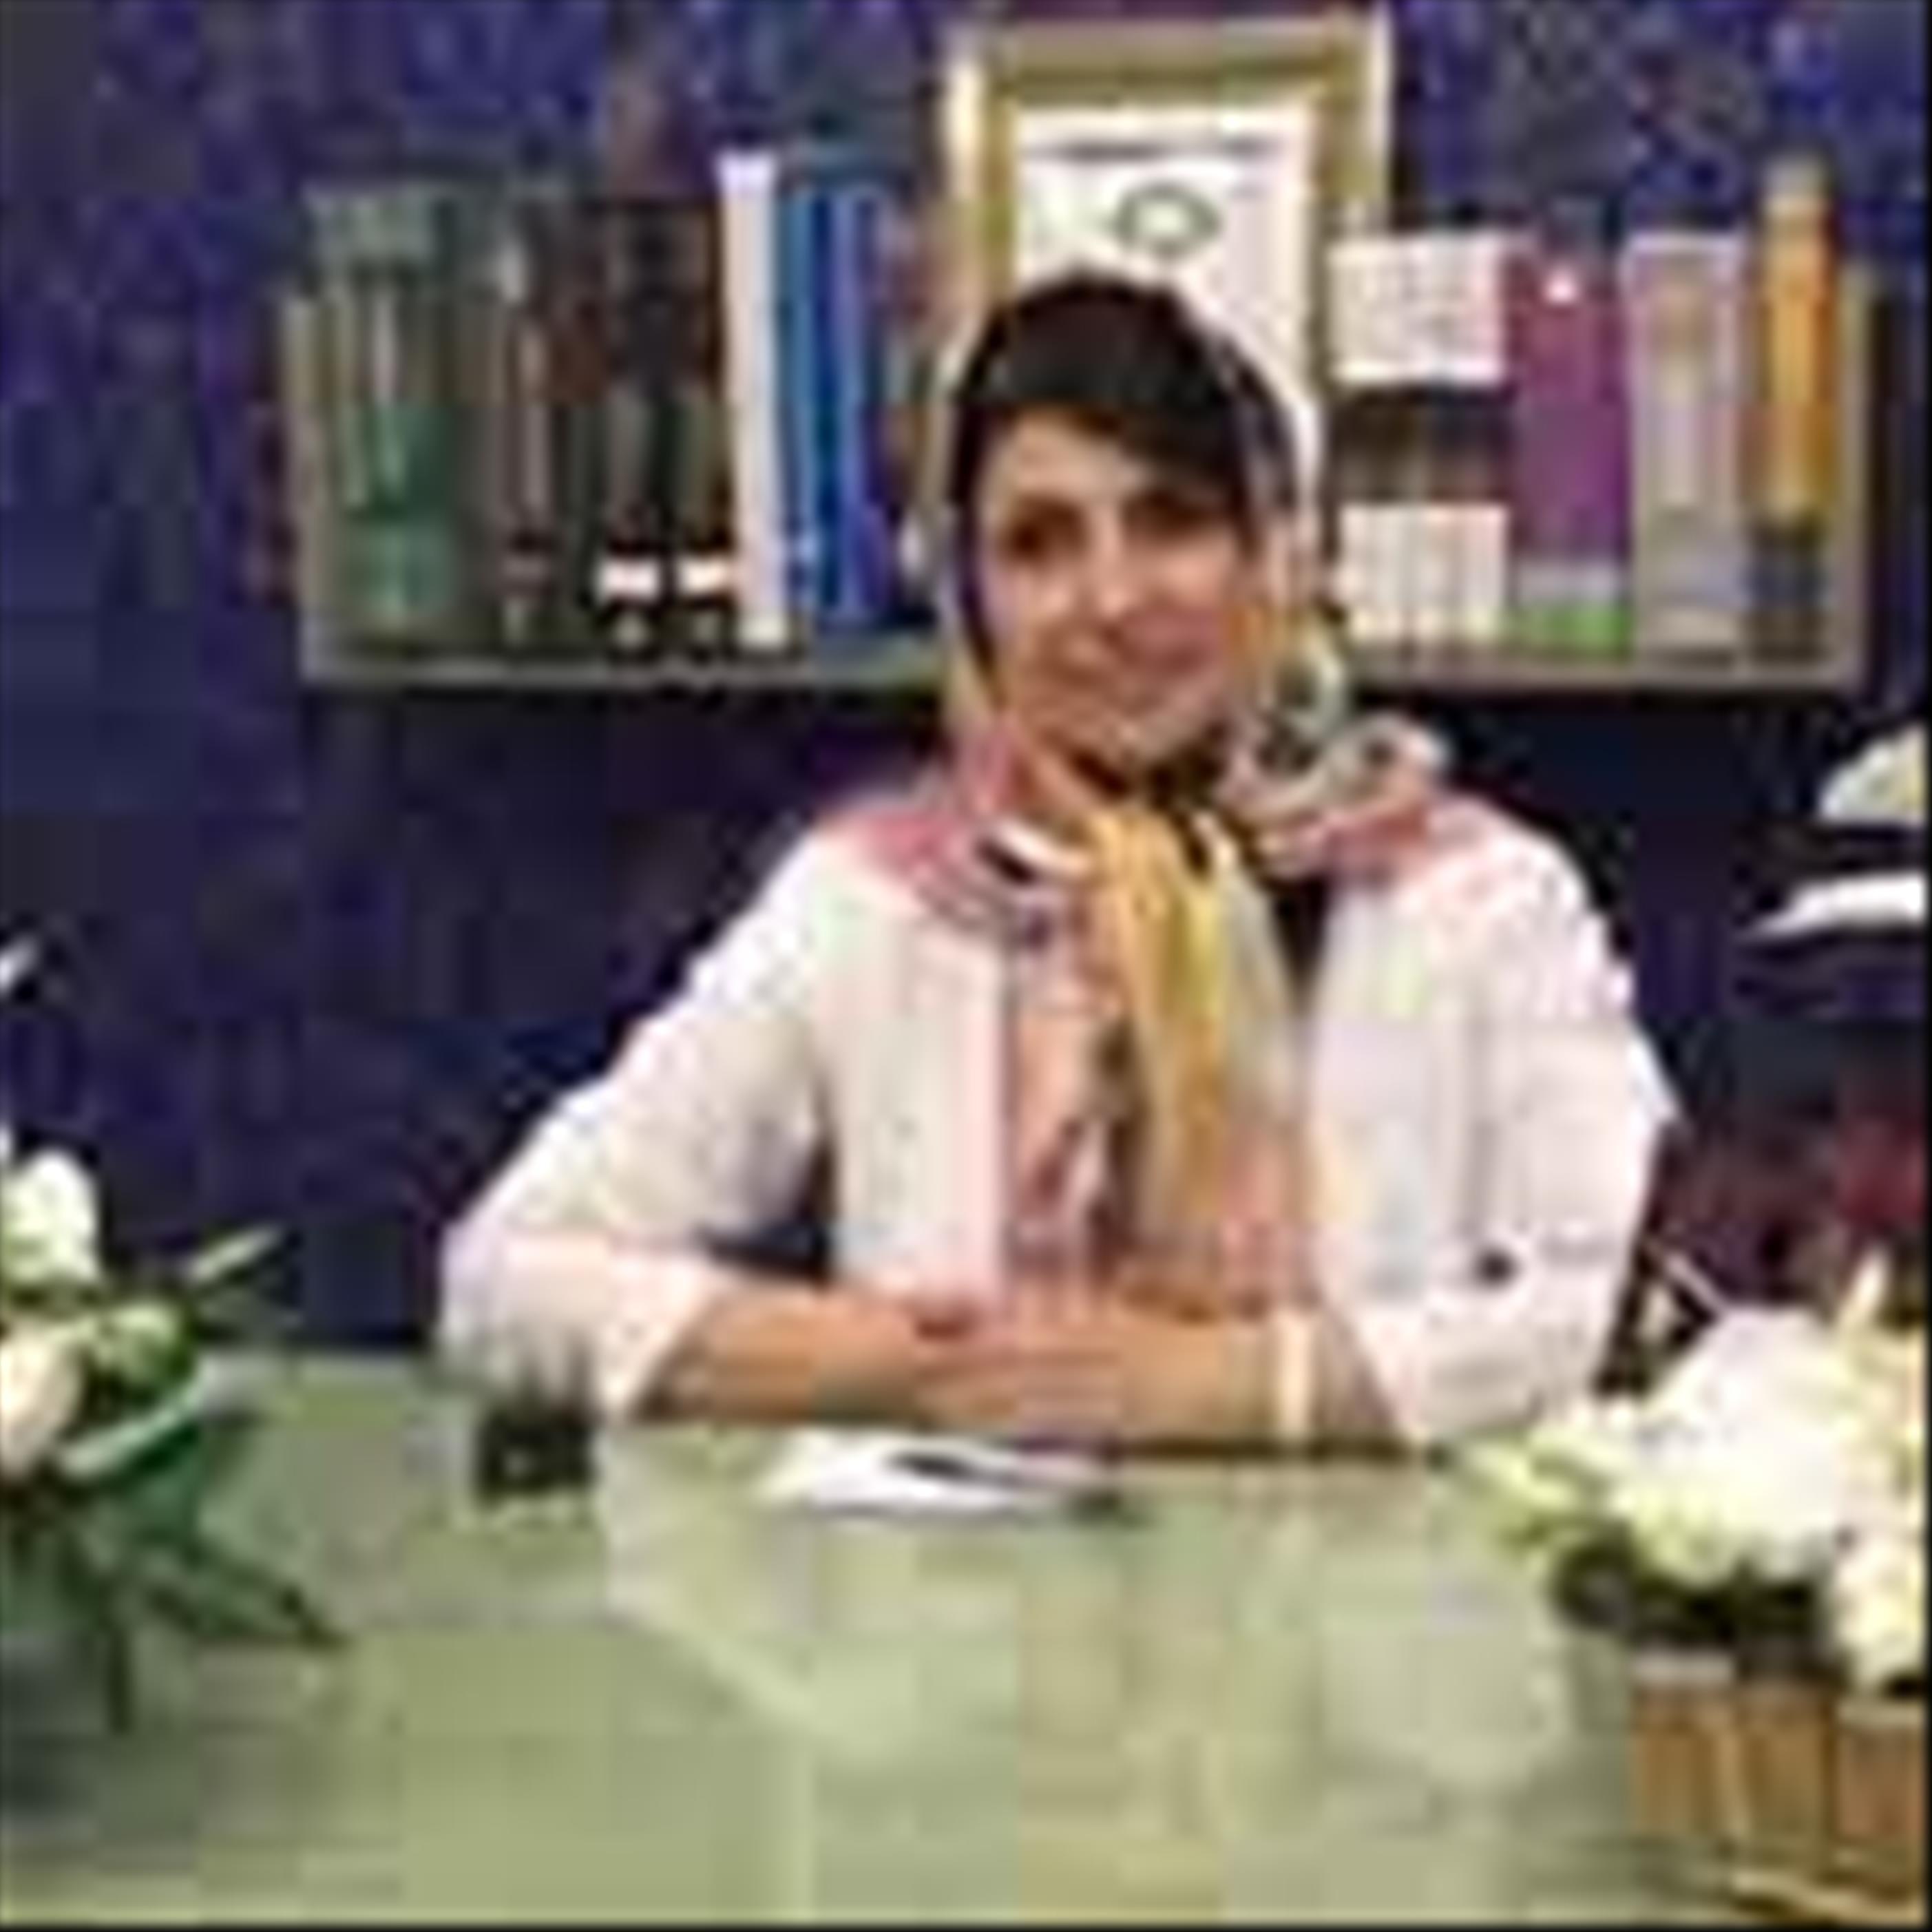 دکتر ندا اصغرزاده متخصص جراحی زنان و زایمان و نازایی